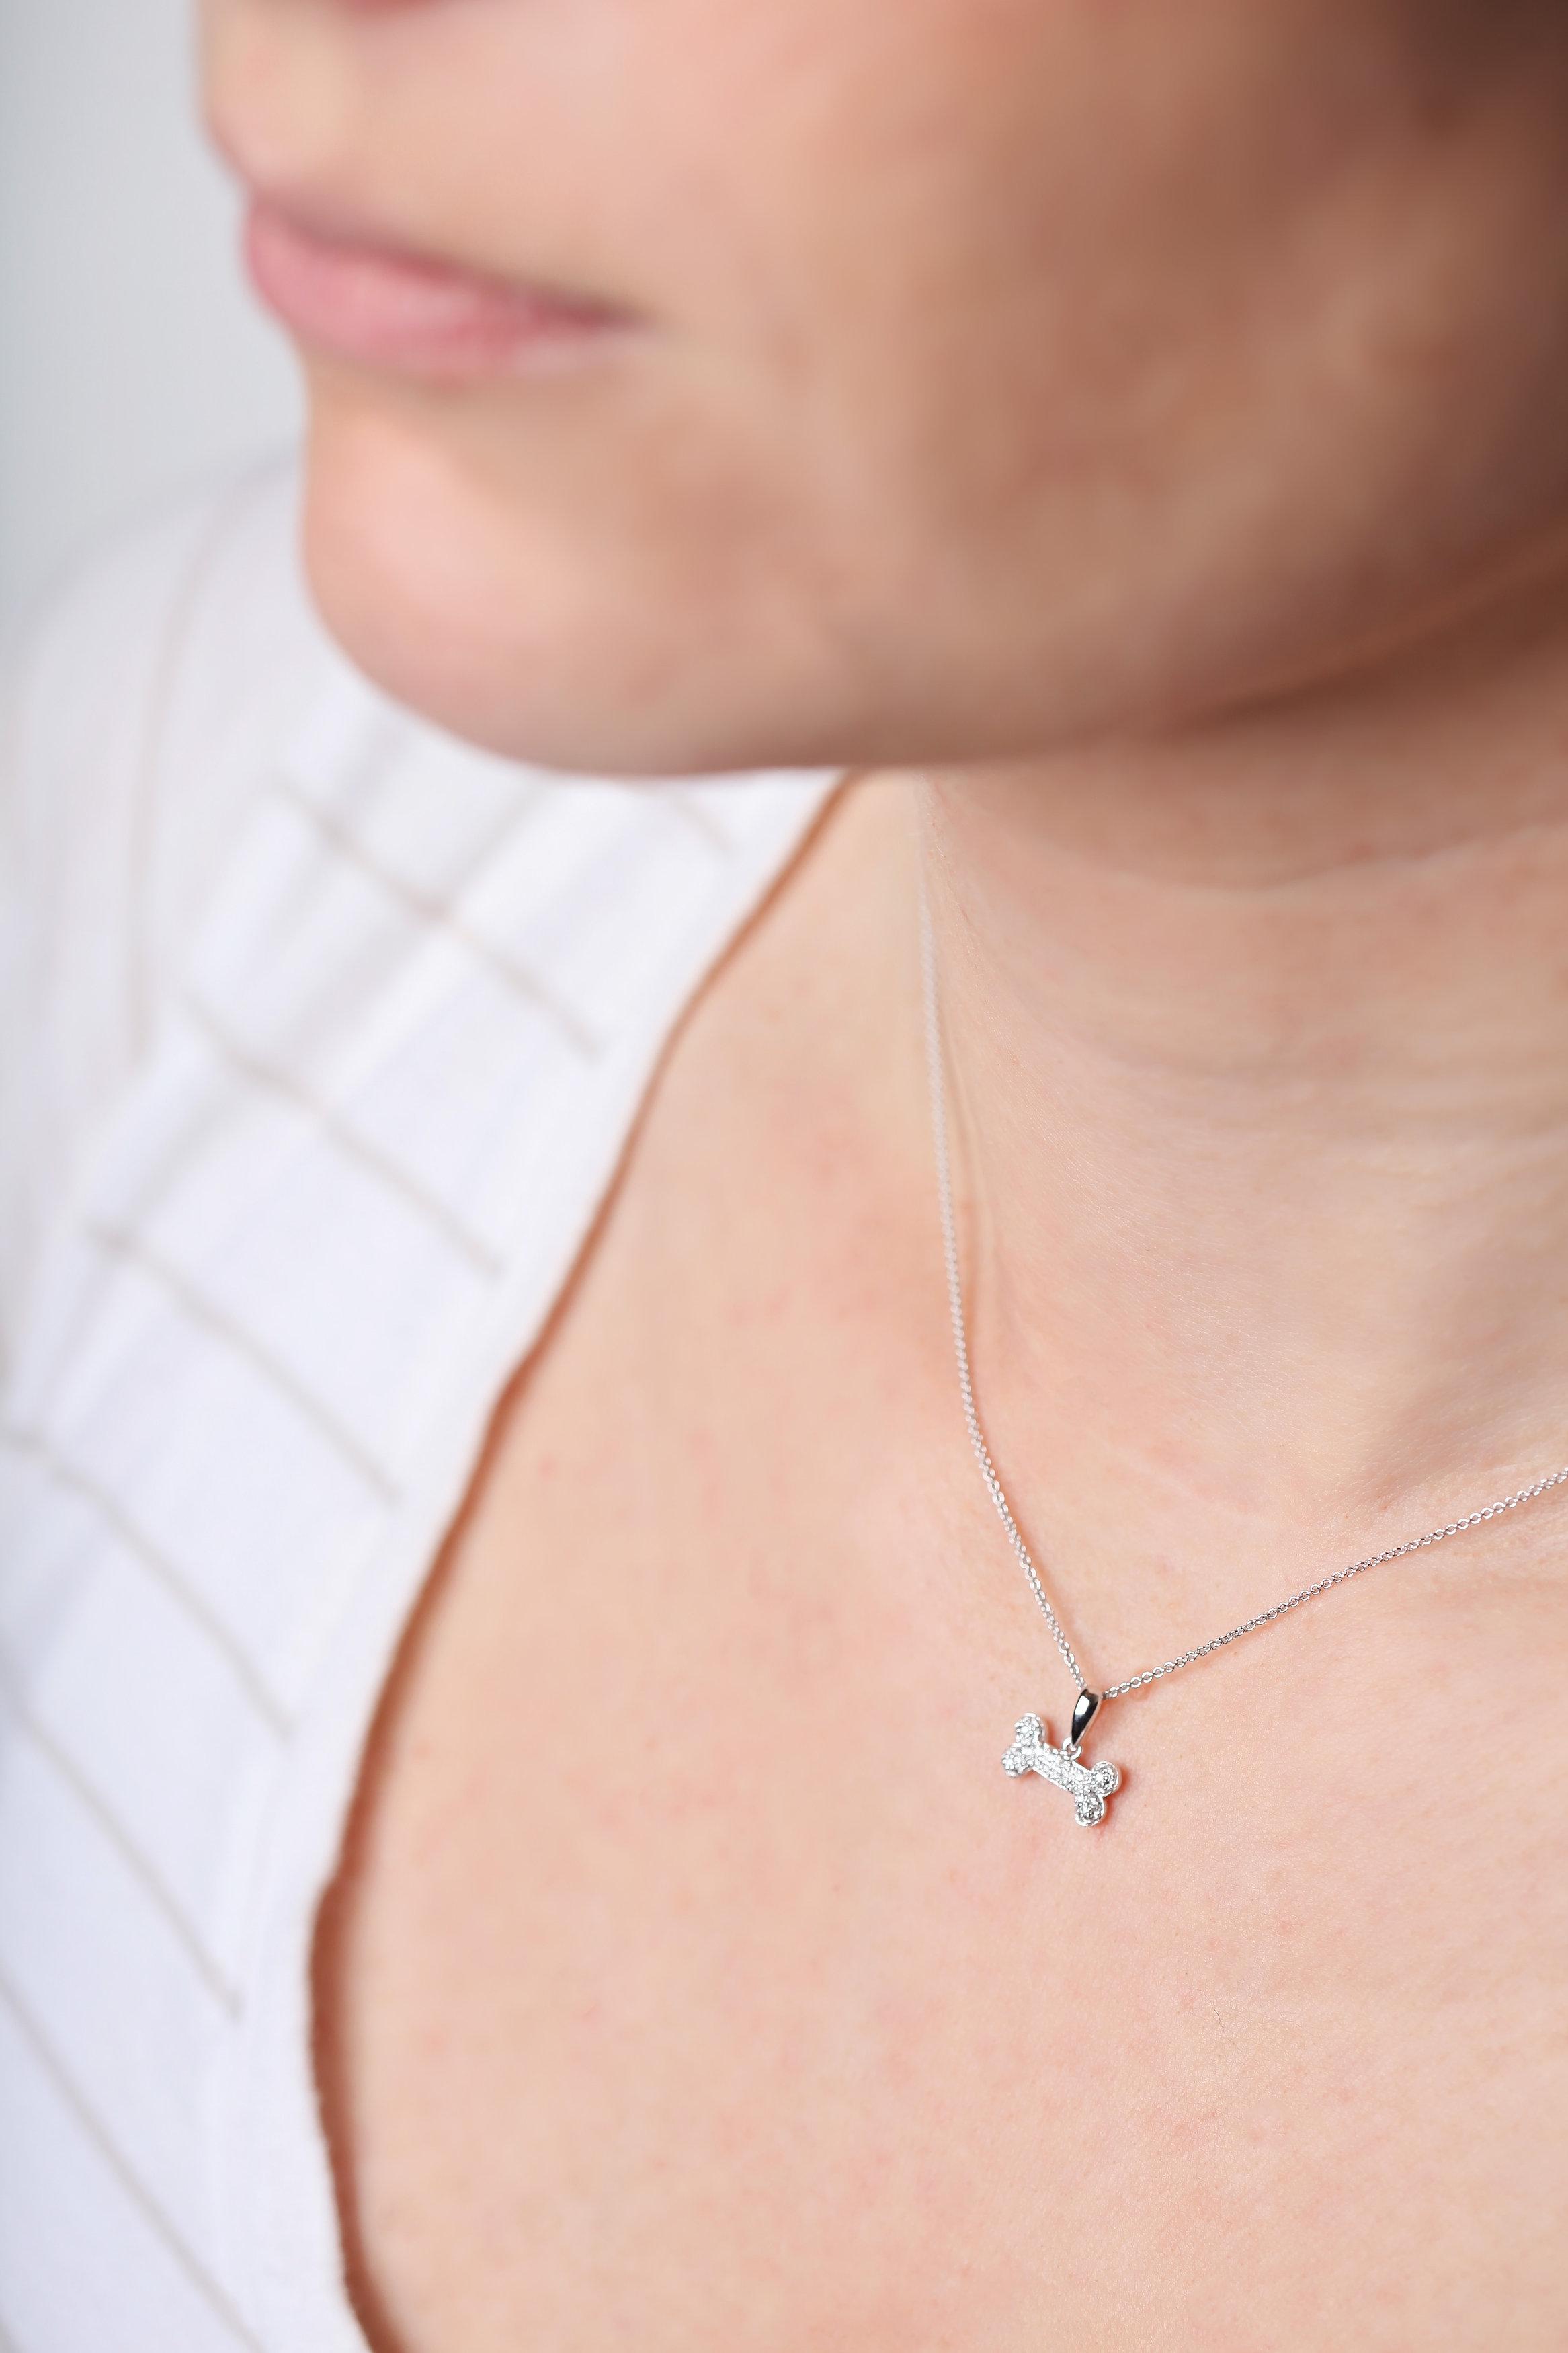 Diamond Bone Necklace 14kt white gold Lisa Welch Designs